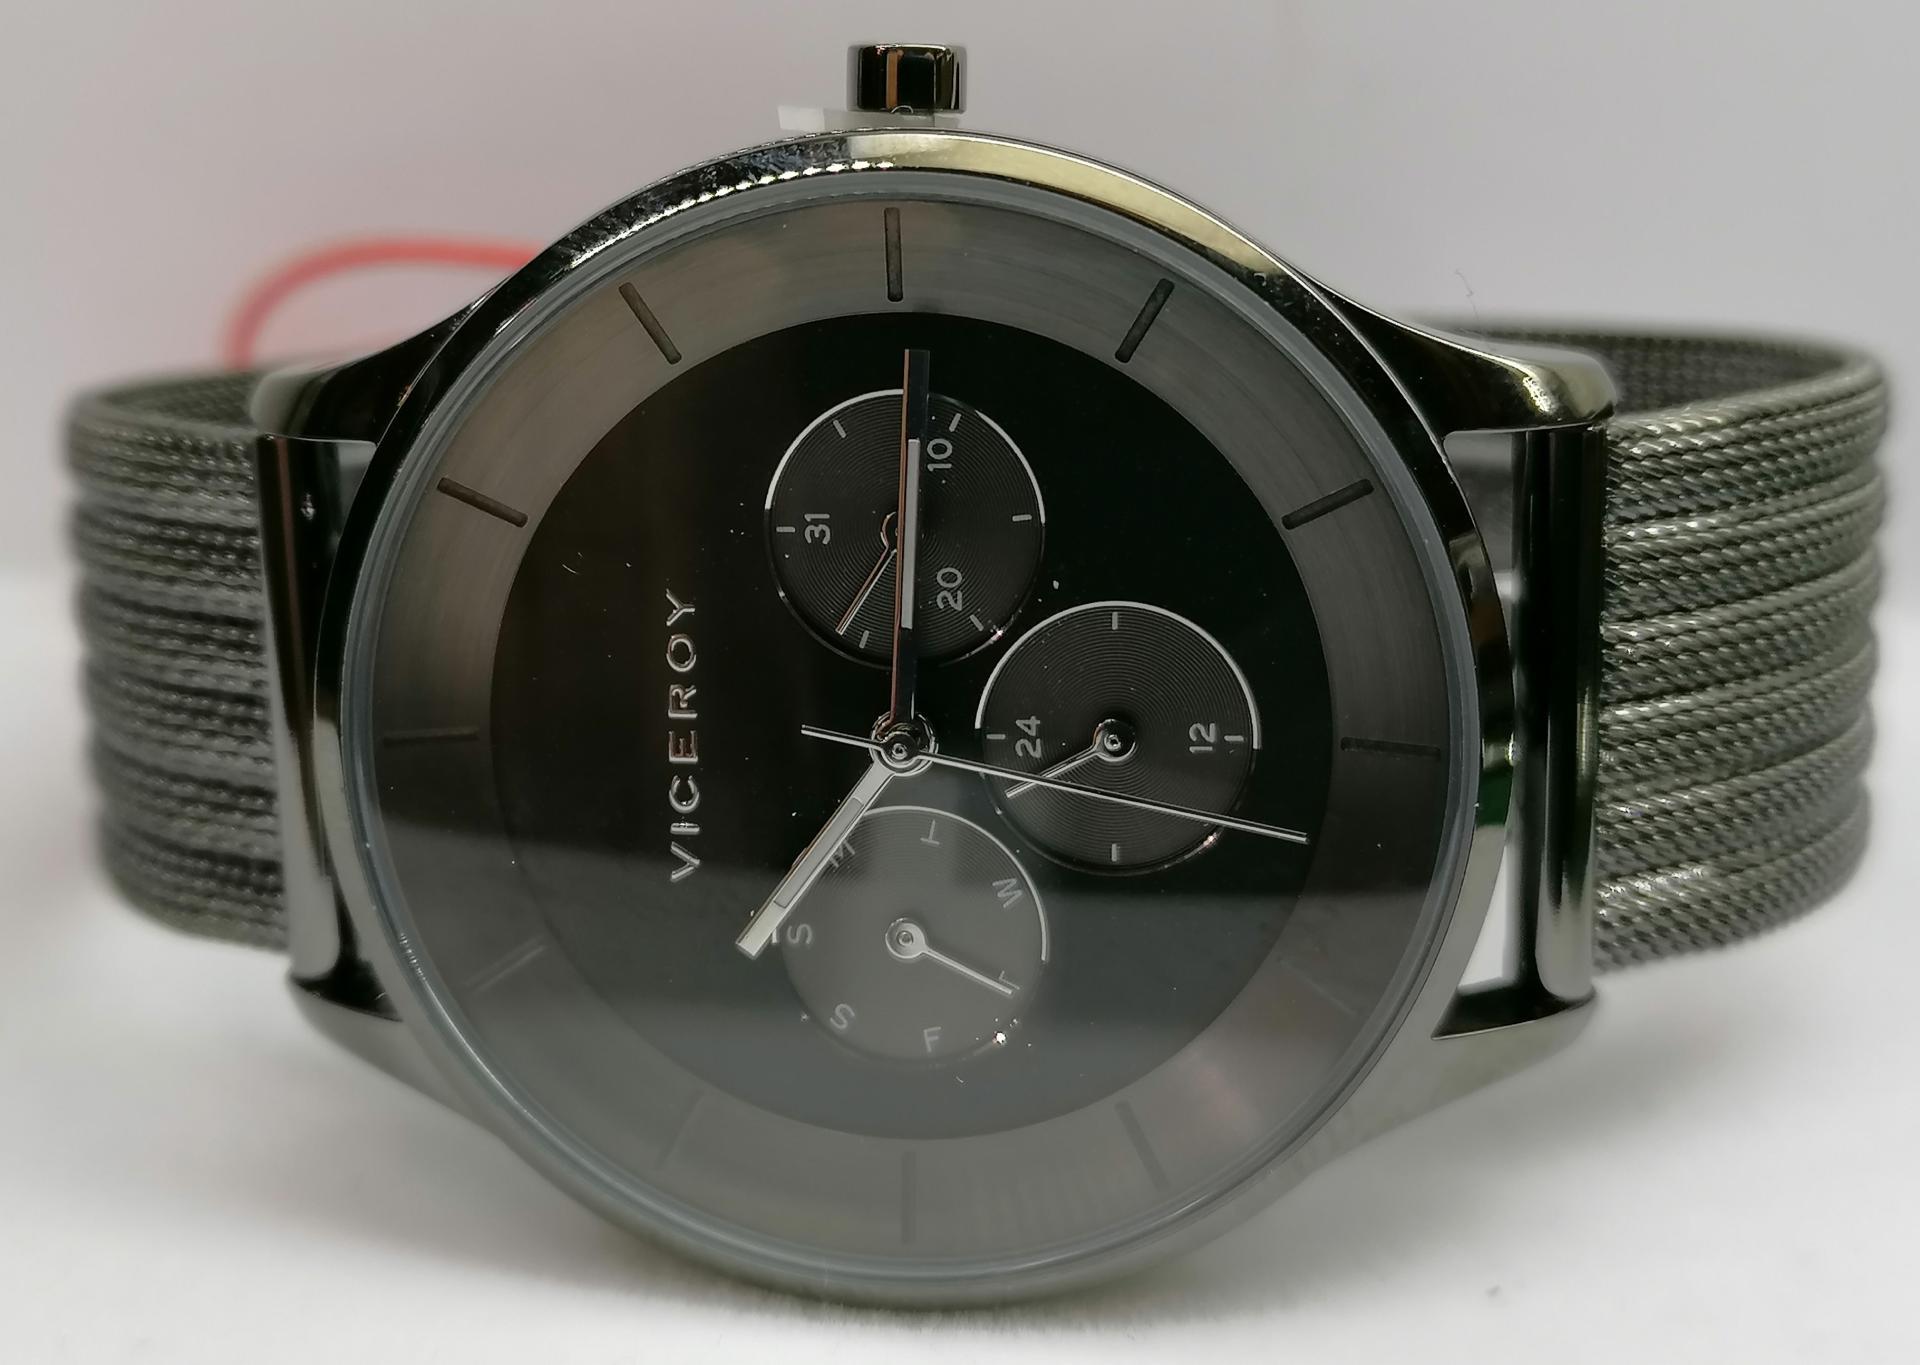 Reloj Viceroy Hombre Nueva Colección Modelo 42301-59 Malla Milanesa Negro